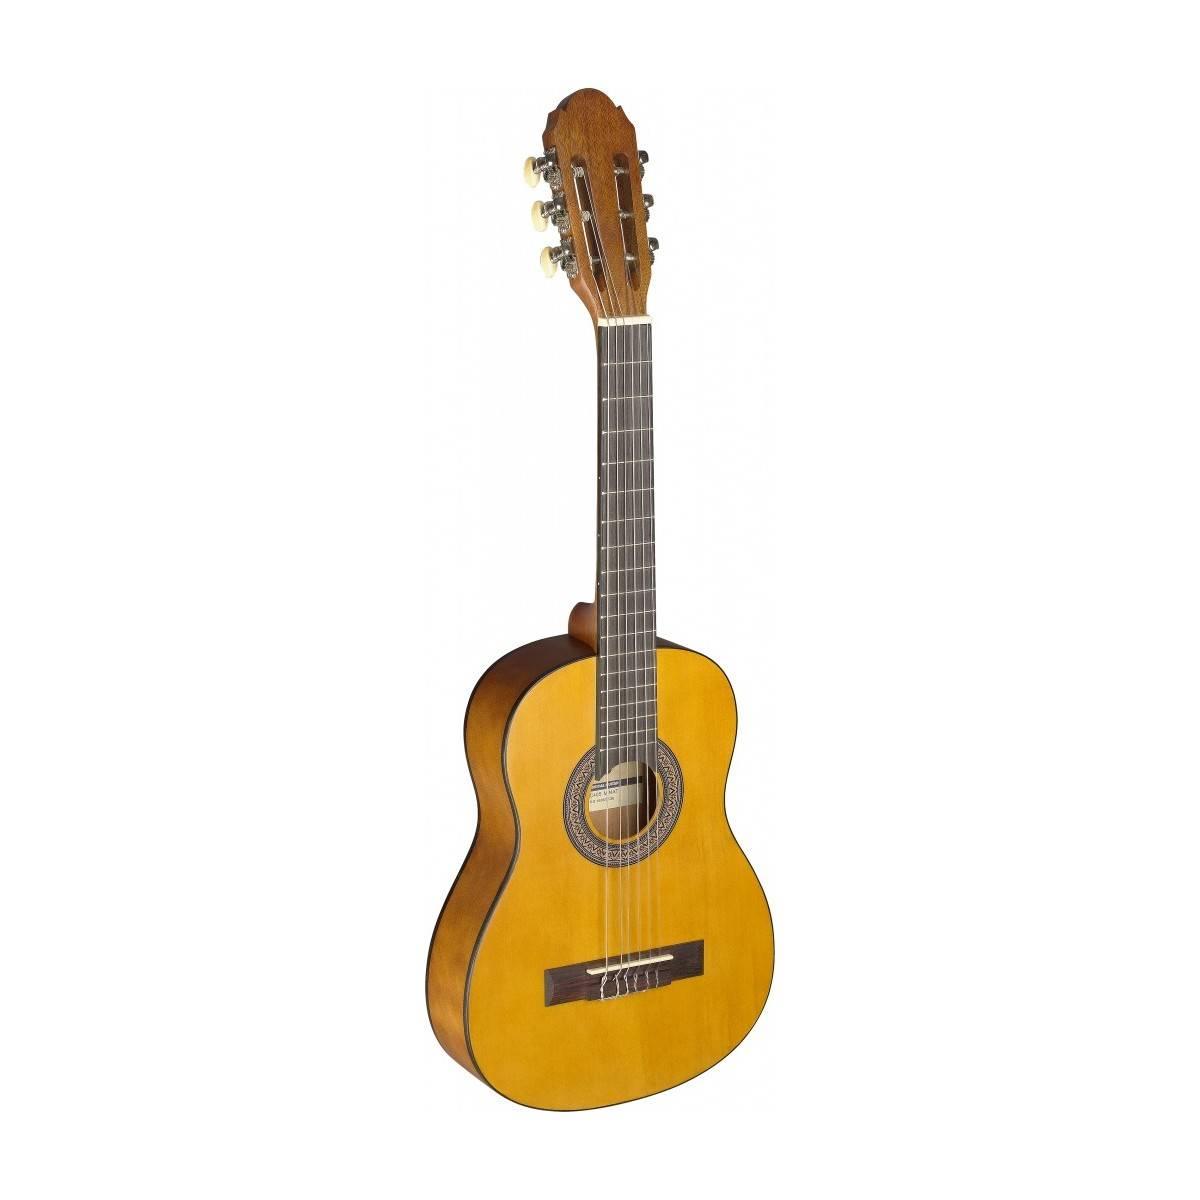 guitare enfant 1 4 classique tilleul neuf ebay. Black Bedroom Furniture Sets. Home Design Ideas